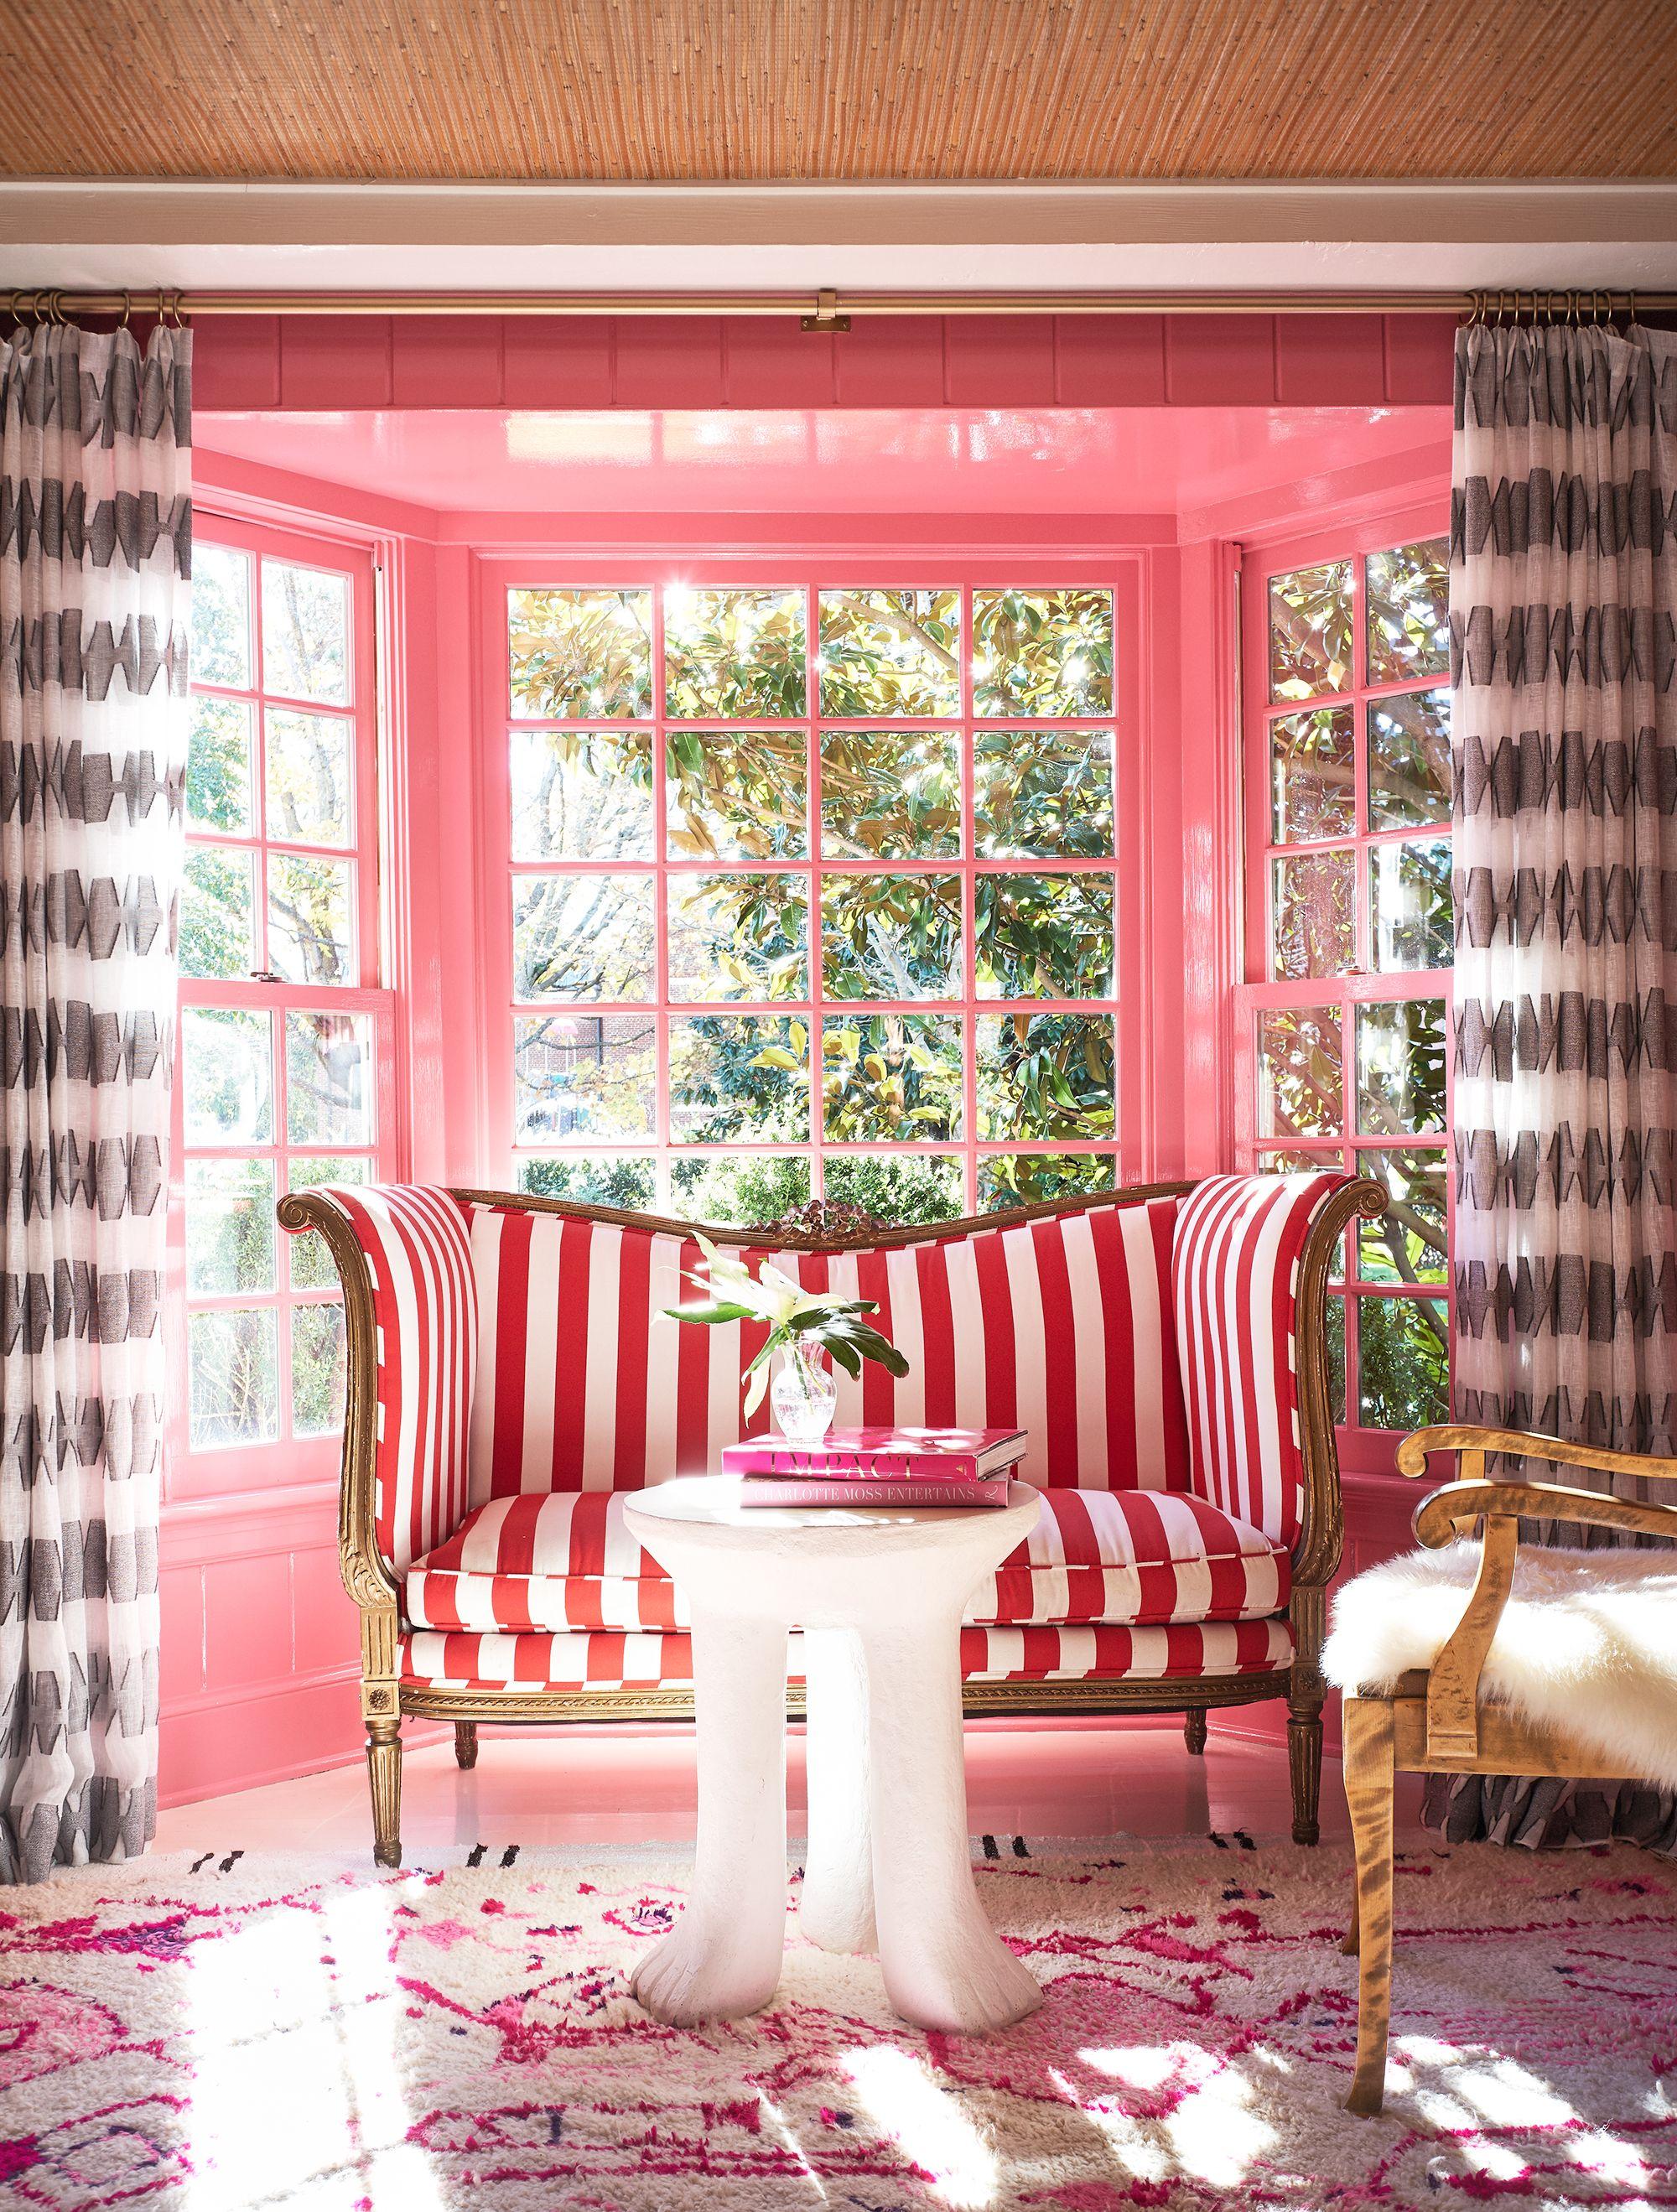 12 Pretty Sunroom Ideas Chic Designs Decor For Screened In Porches